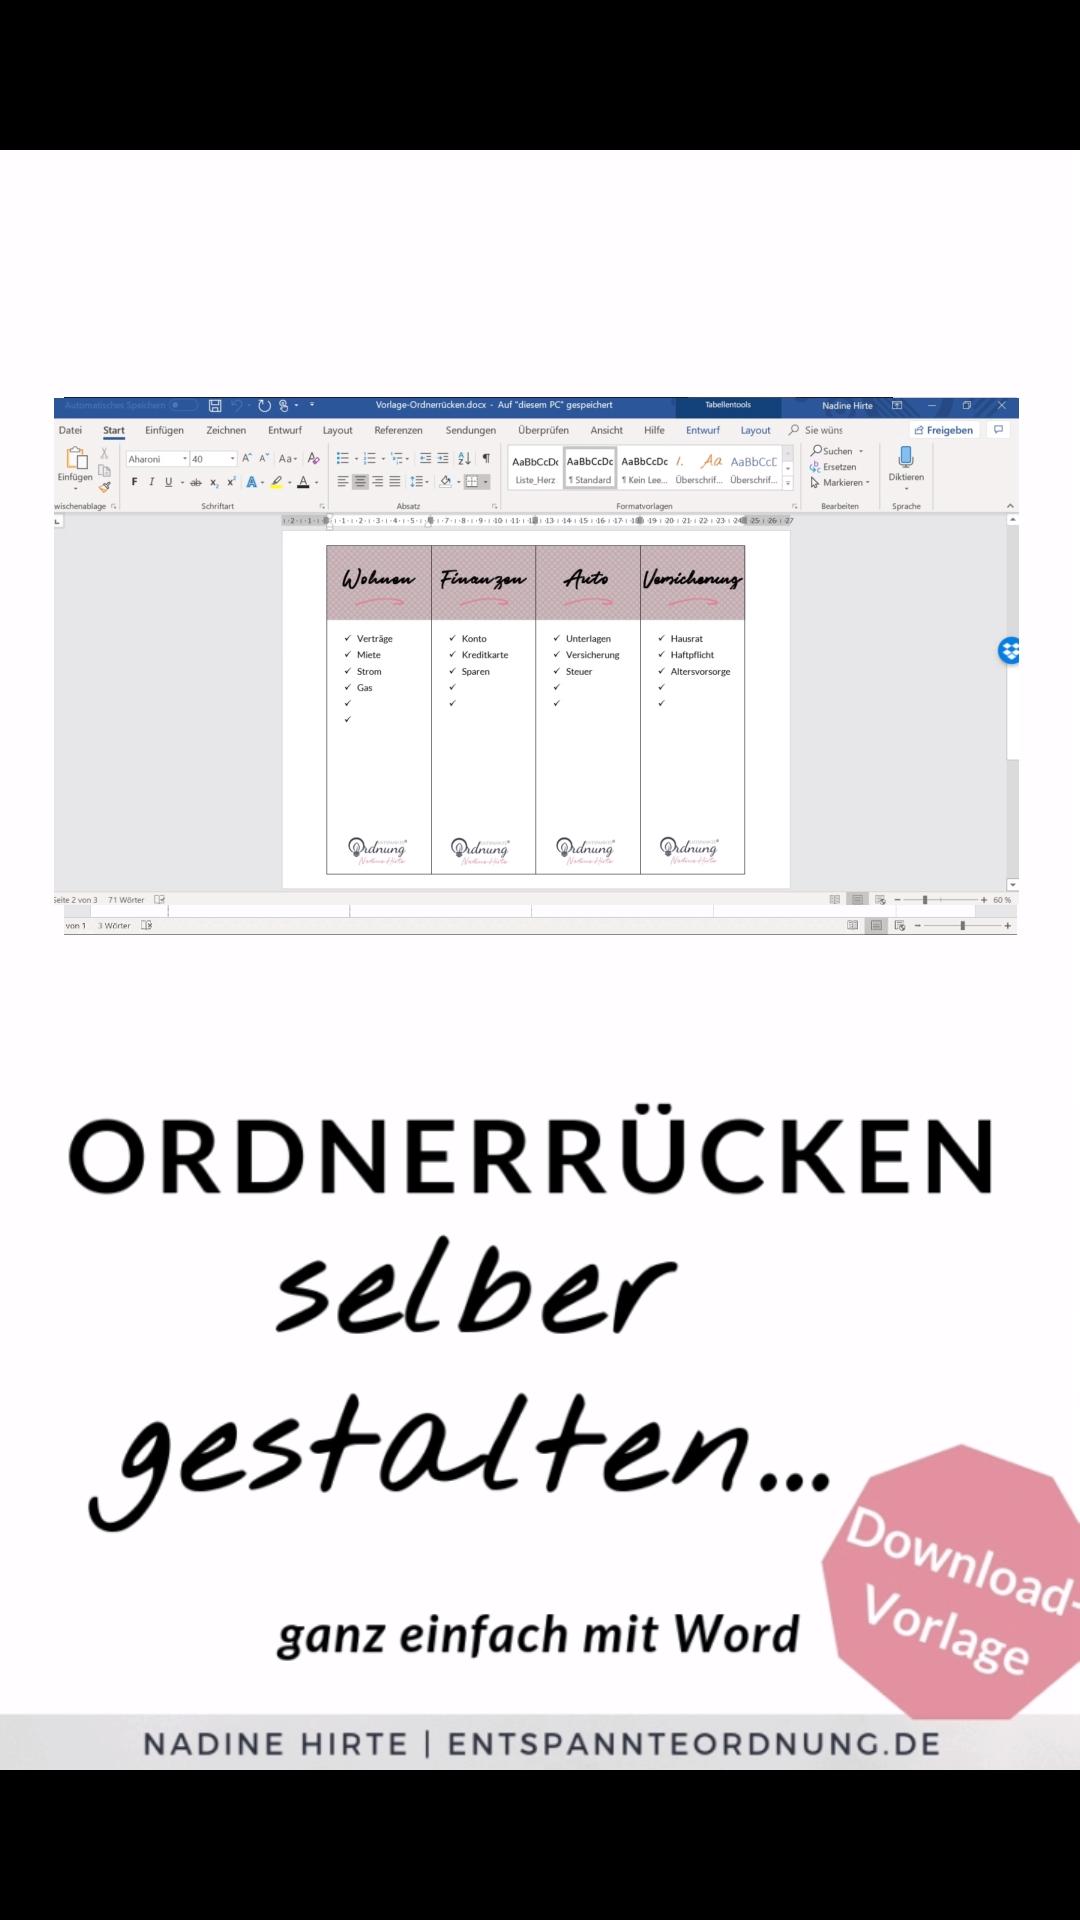 Ordnerrucken Word Kostenlose Vorlage Zum Download Video Video Ordnerrucken Word Ordnerrucken Vorlage Ordnerrucken